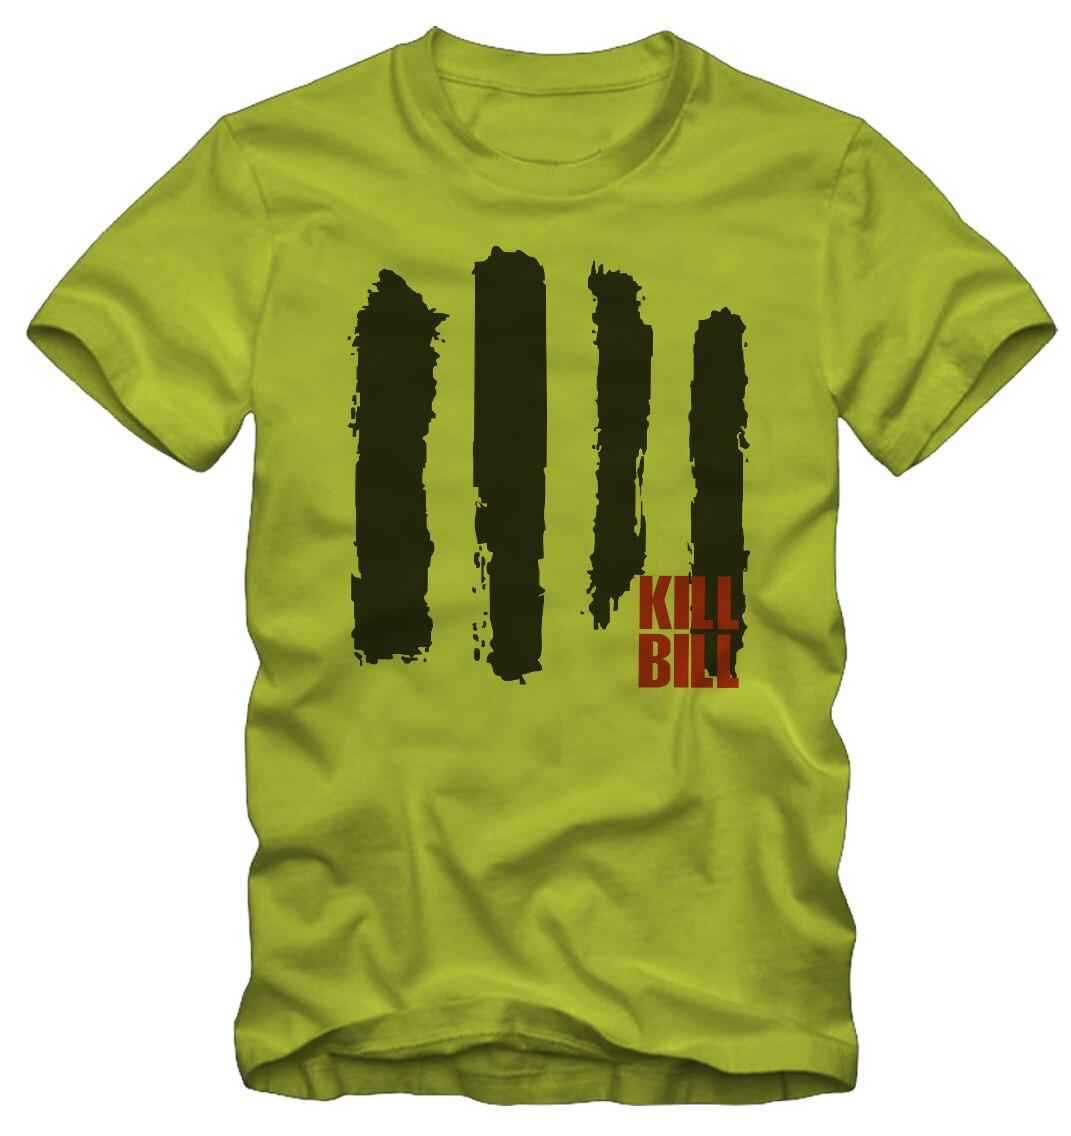 t-shirt-maglietta-kill-bill-film-cult-quentin-font-b-tarantino-b-font-harajuku-tops-t-shirt-fashion-classic-unique-free-shipping